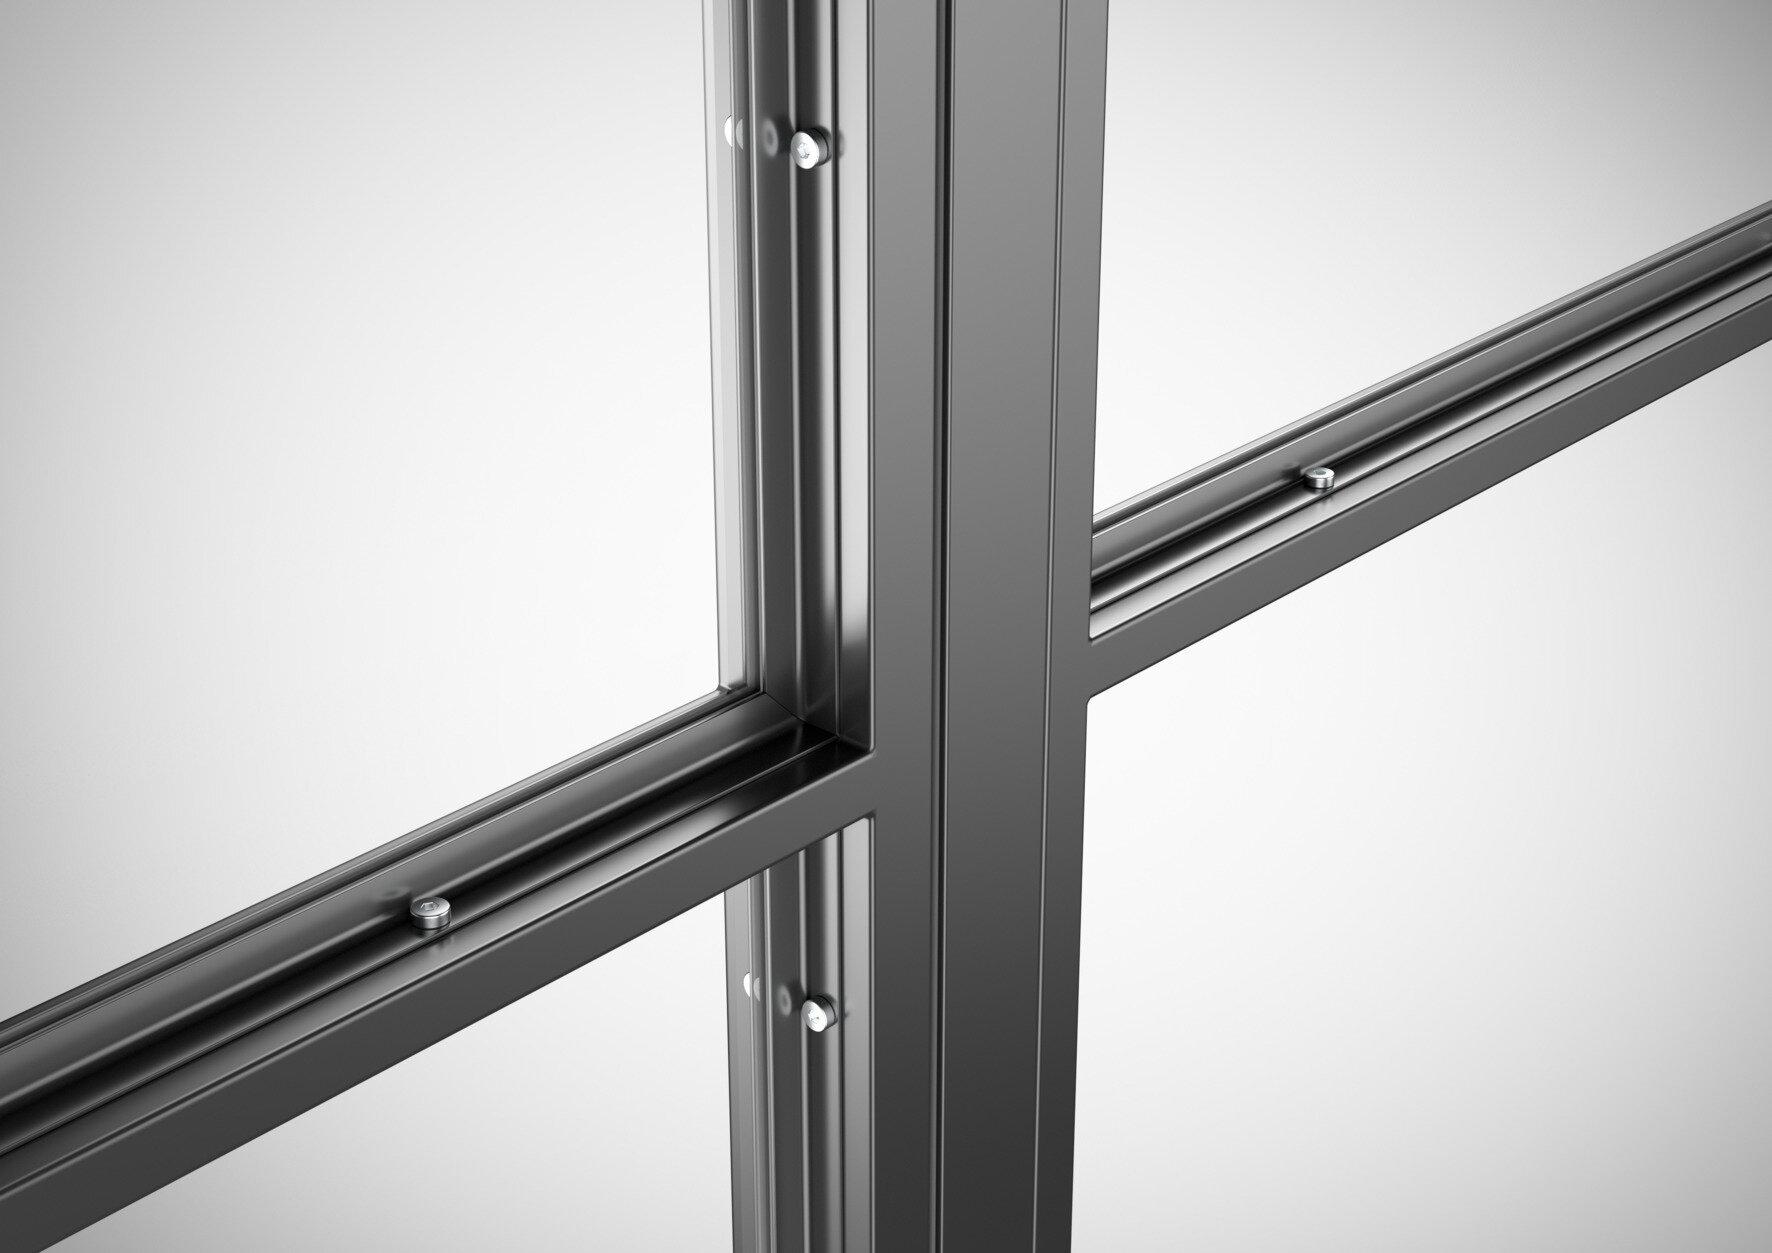 Lofttüren im angesagten Industrial Style — Wir lieben Bau